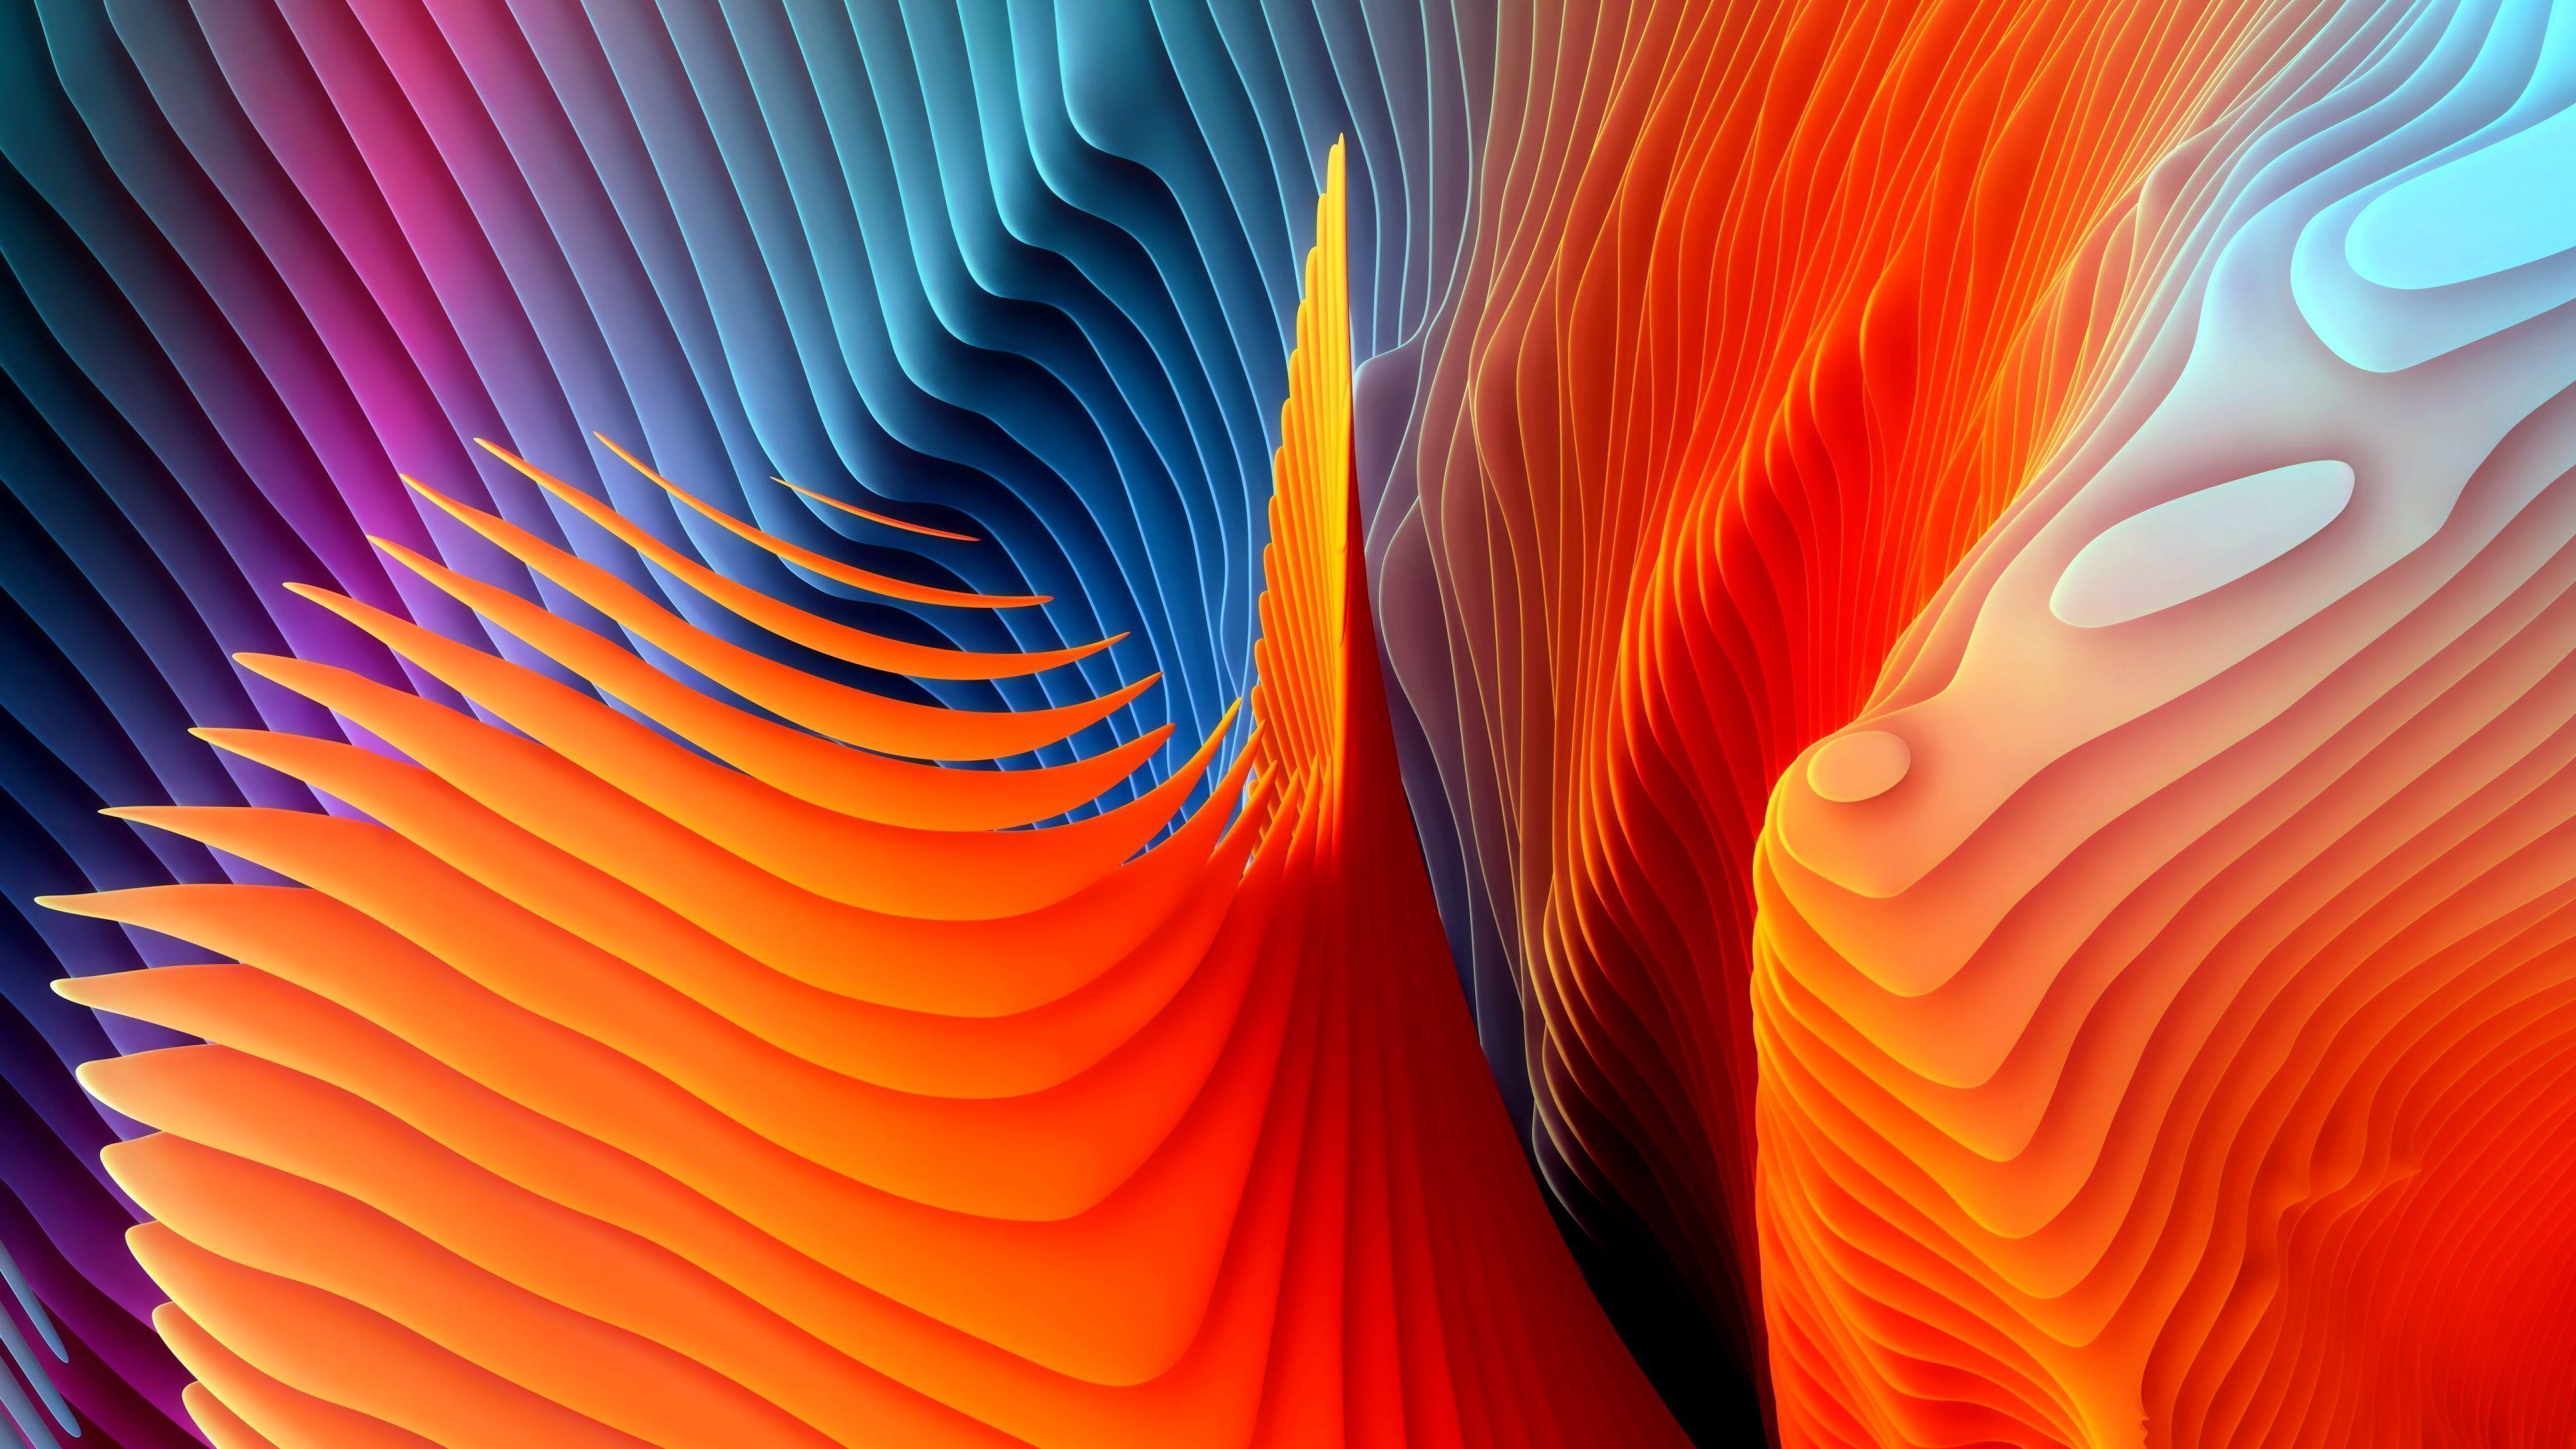 Mac Os Wallpaper 4k Pack Gallery Fond D 39 Ecran Fondecran Fond Wallpaper Ve Fond Ecran En 2020 Fond D Ecran Abstrait Abstrait Fond D Ecran Macbook Pro